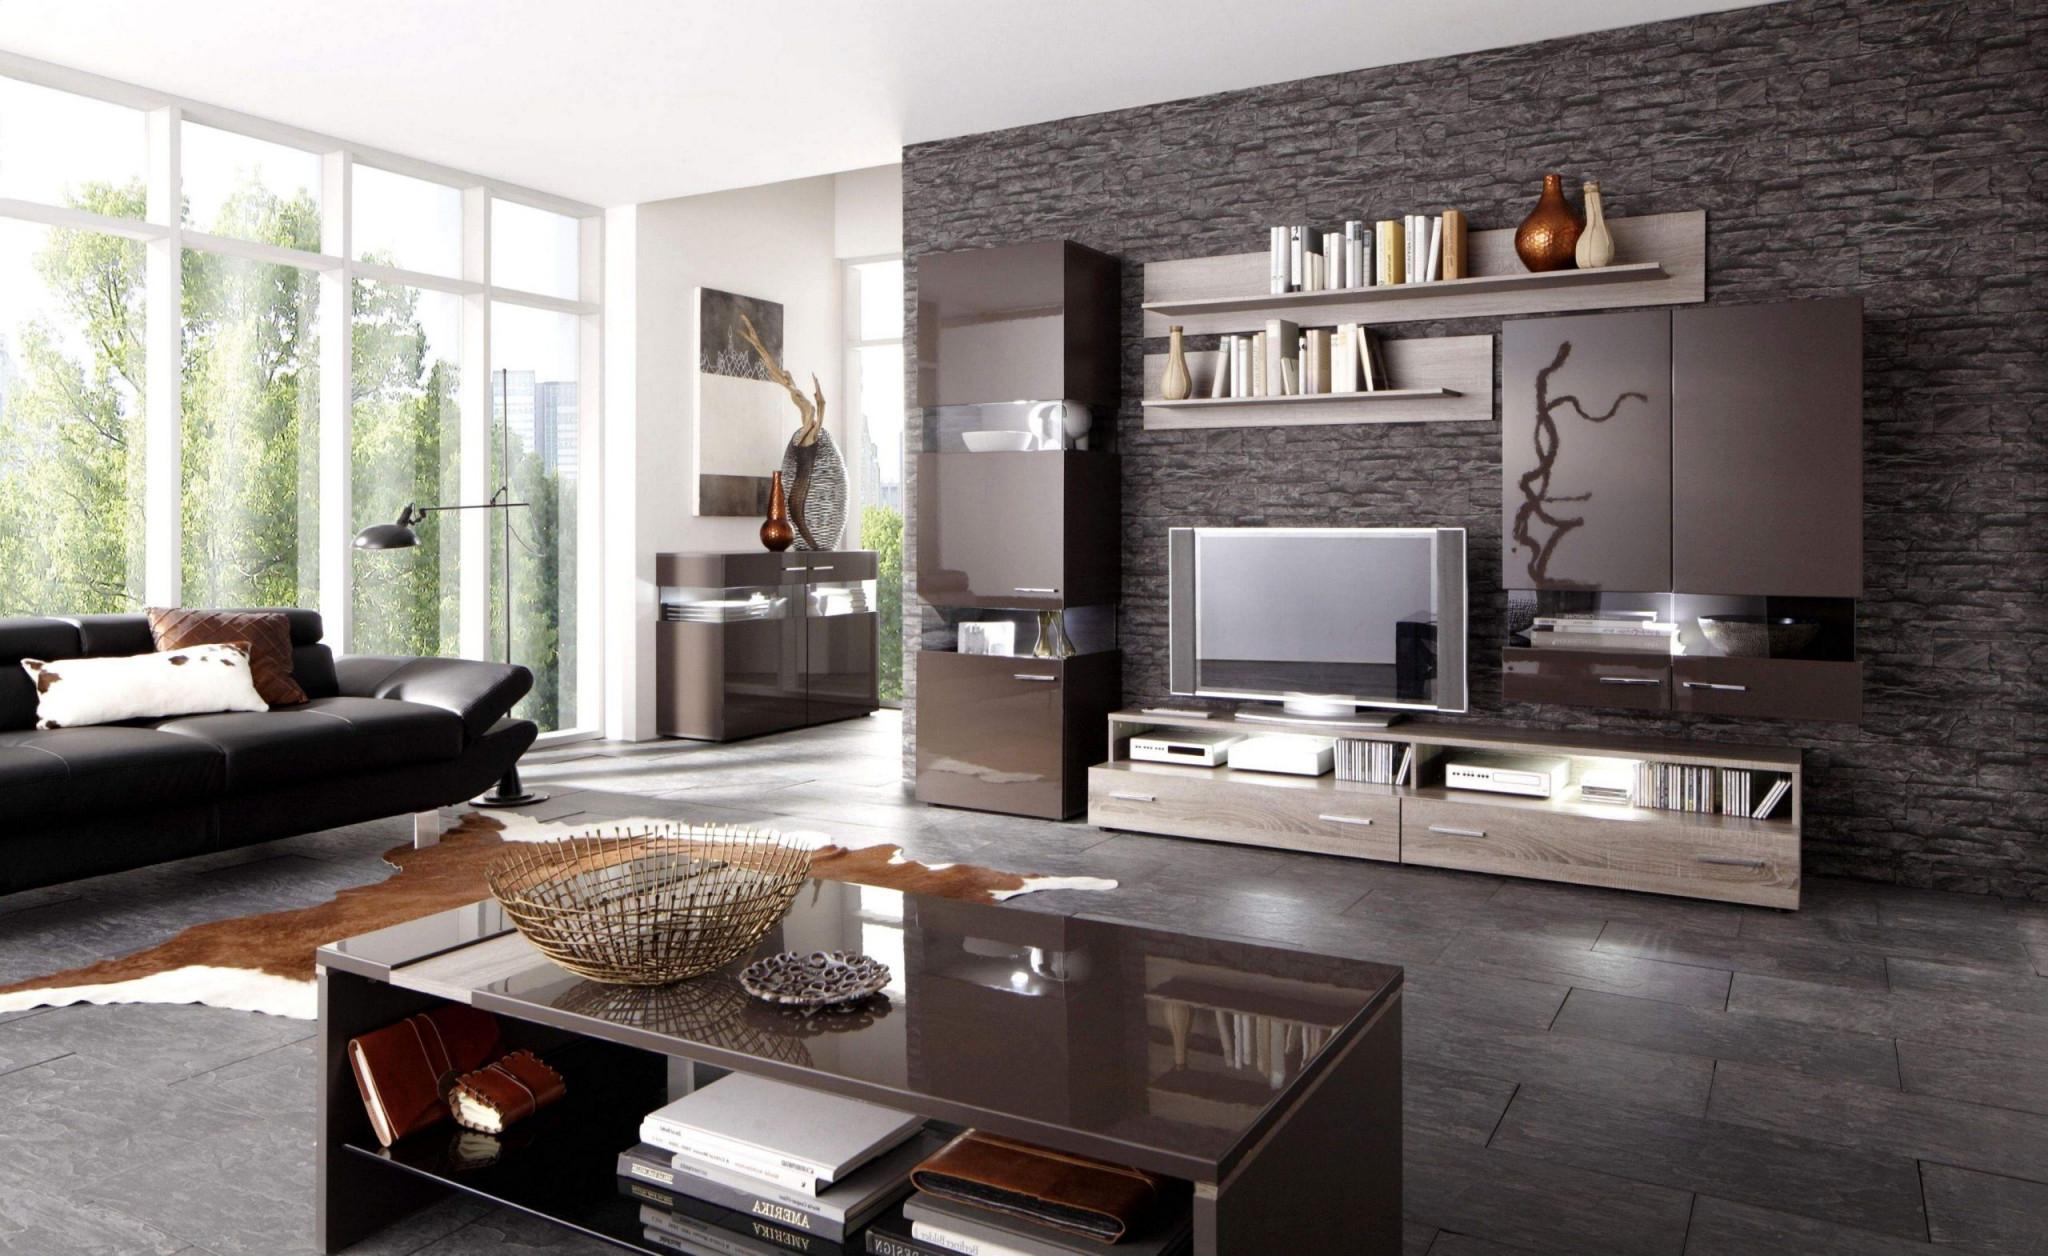 37 Inspirierend Wohnzimmer Renovieren Elegant  Wohnzimmer von Wohnzimmer Renovieren Ideen Bild